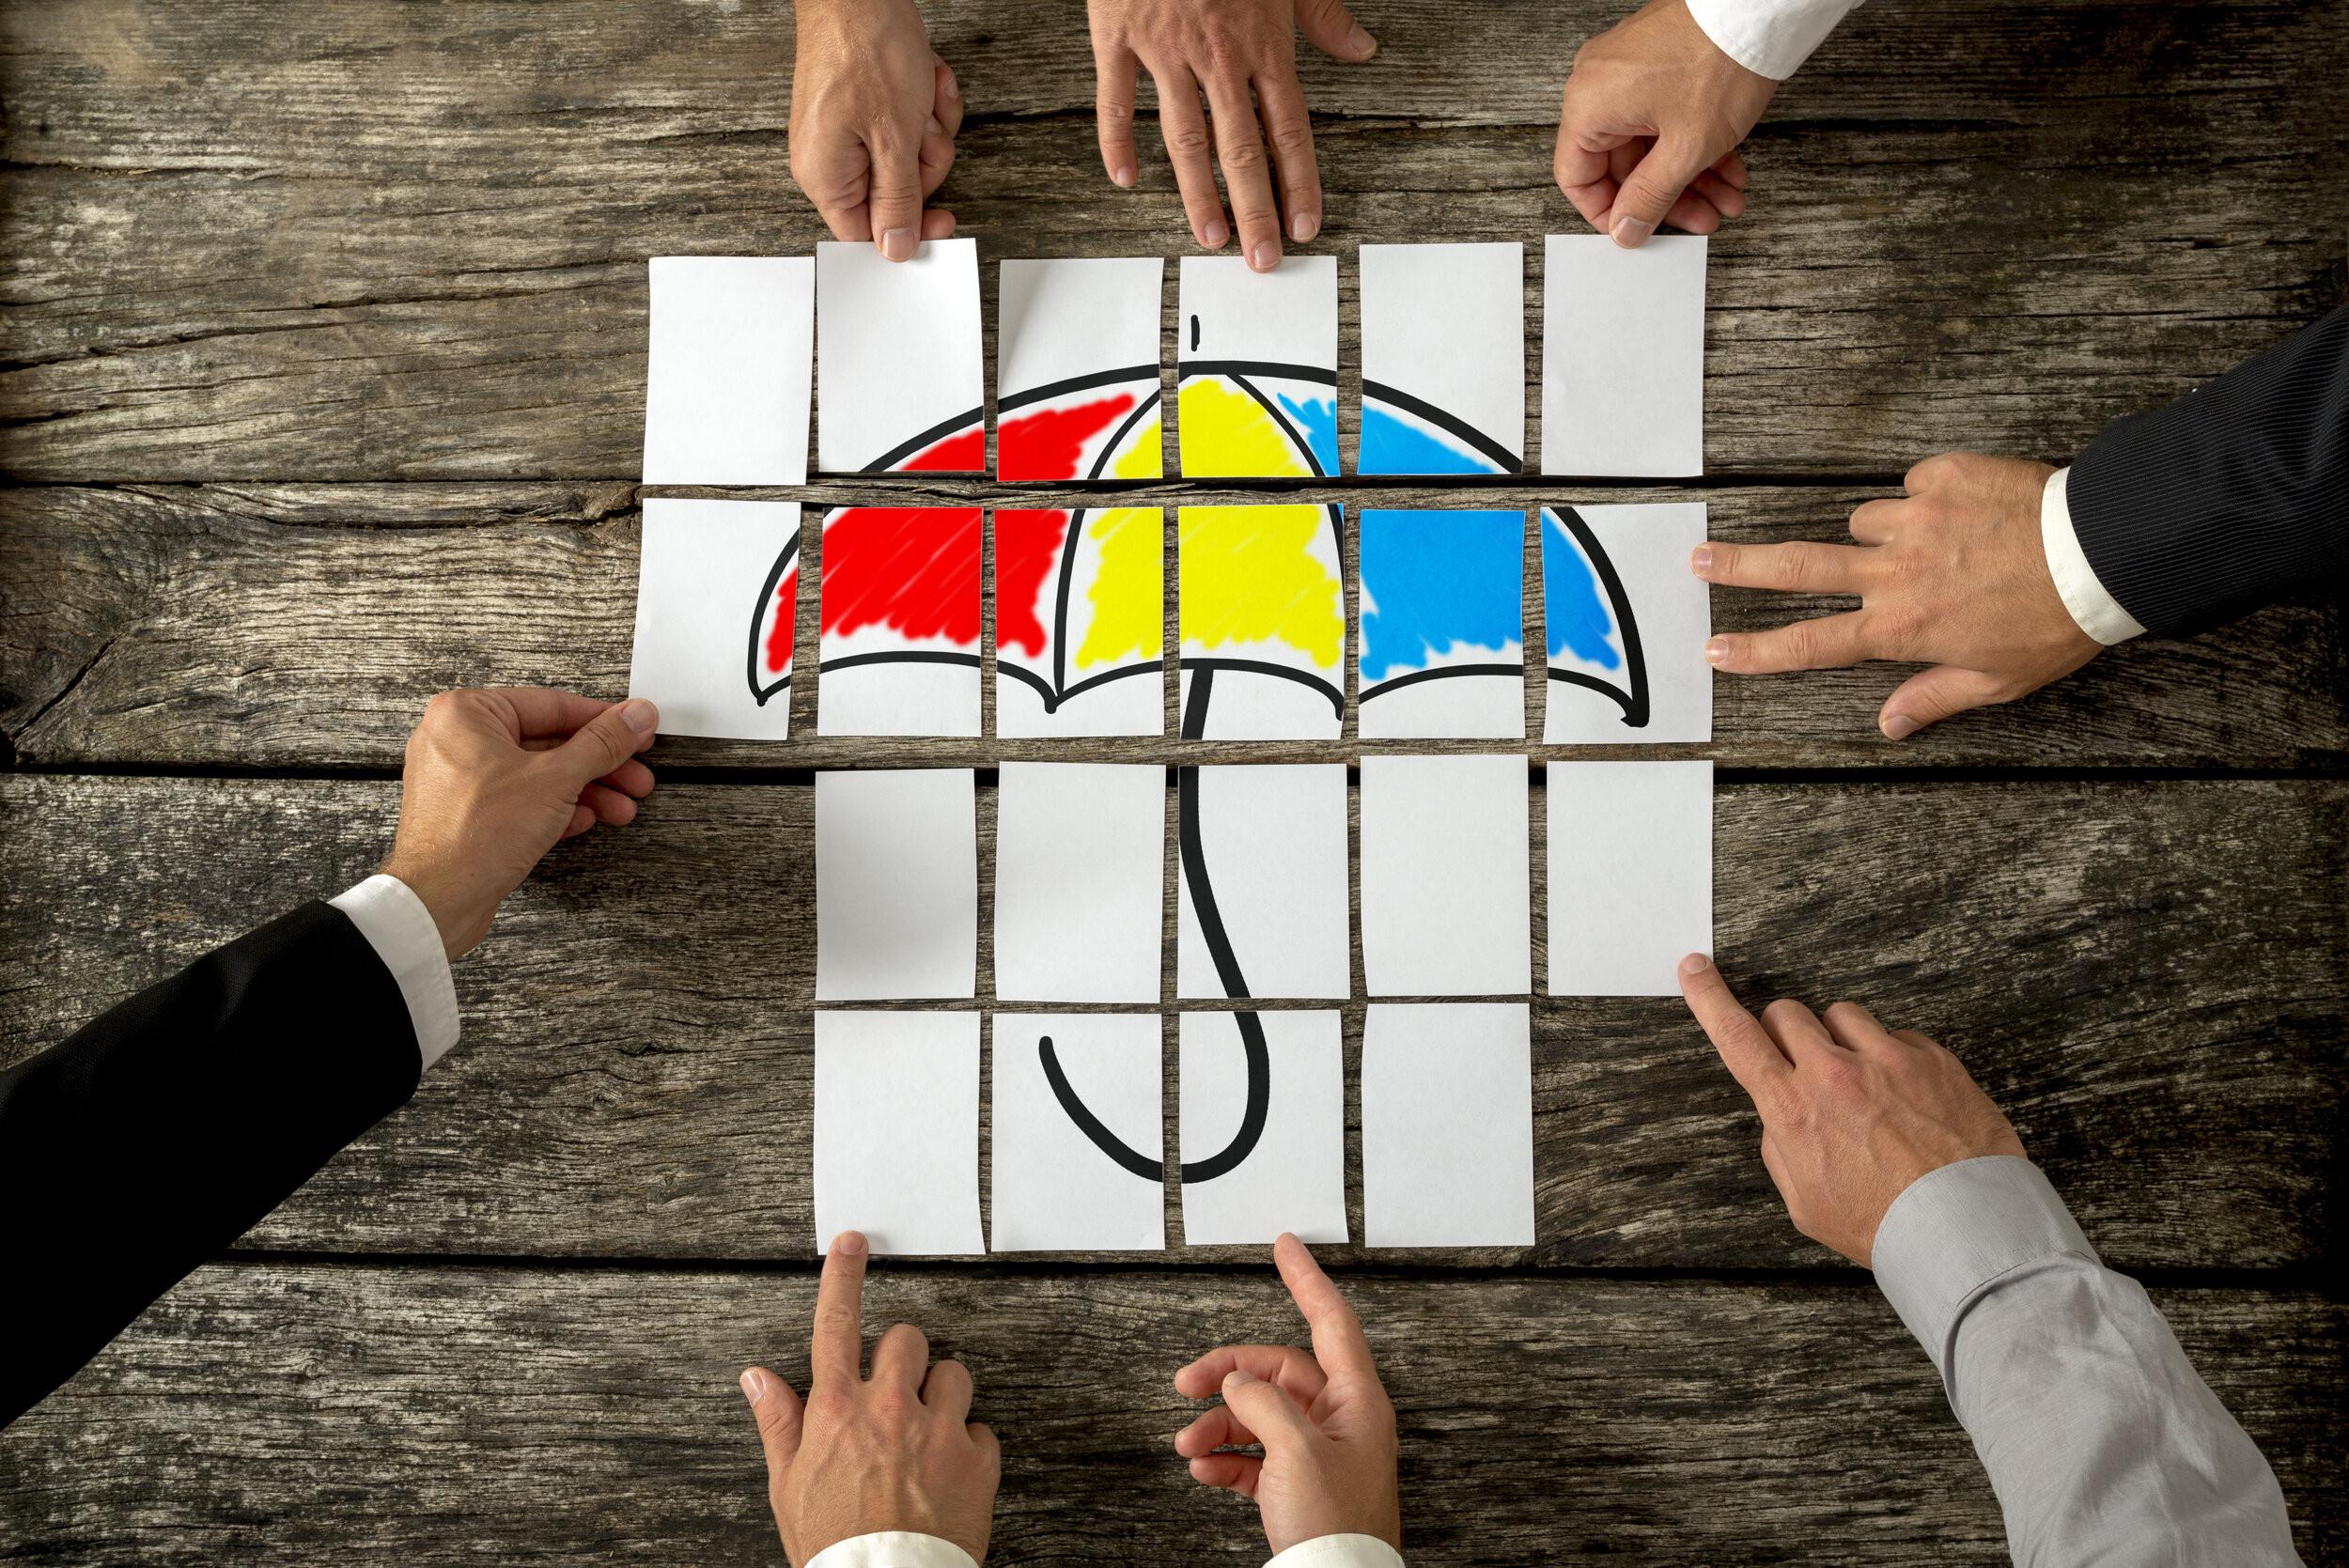 So you want to be a DPP Umbrella Hub?